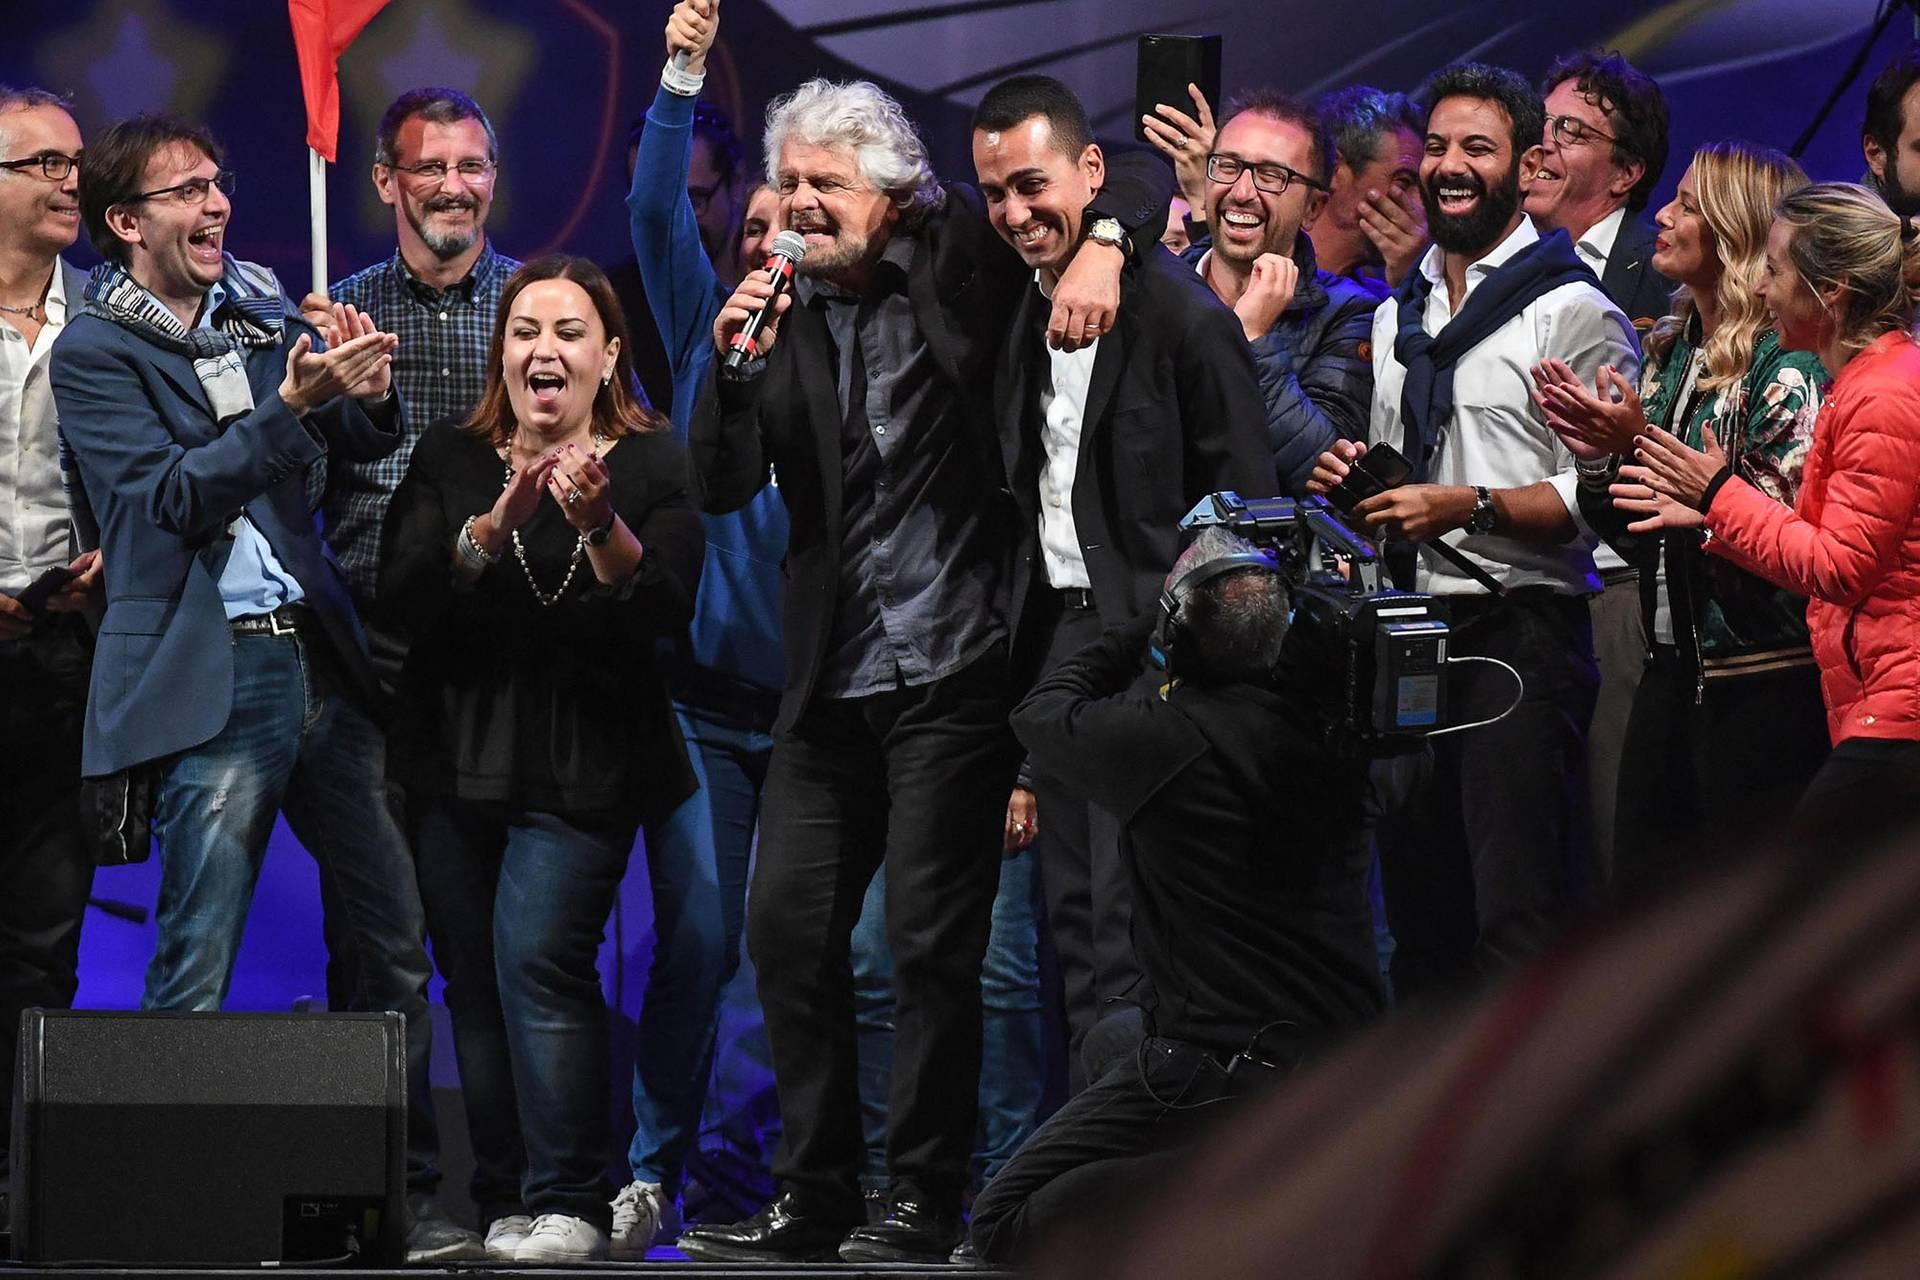 Лідер партії «Рух 5 зірок» і віце-прем'єр-міністр Італії Луїджі ді Майо (в центрі праворуч) обіймається на сцені із засновником партії та її ідеологом Беппе Грілло під час передвиборчого заходу у місті Ріміні, Італія, 23 вересня 2017 року